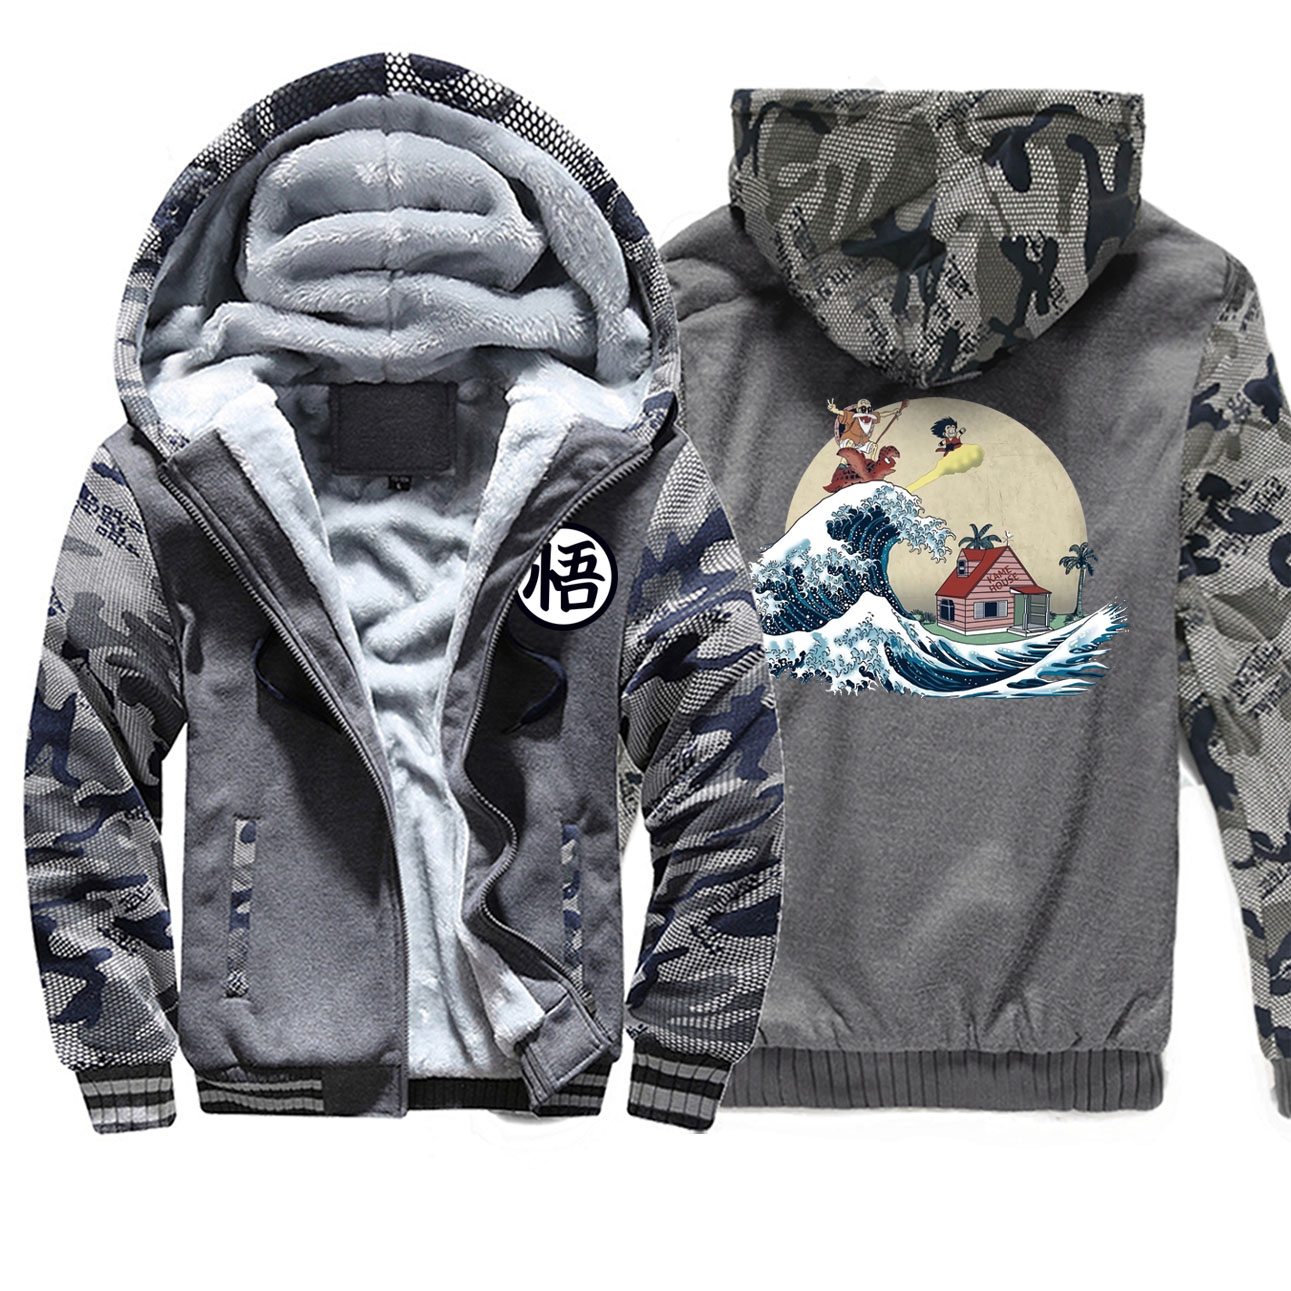 Men Thick Winter Fleece Camo Warm Jacket Dragon Ball Baseball Great Retro Wave Coats Militray Japan Anime Sportswear Jackets